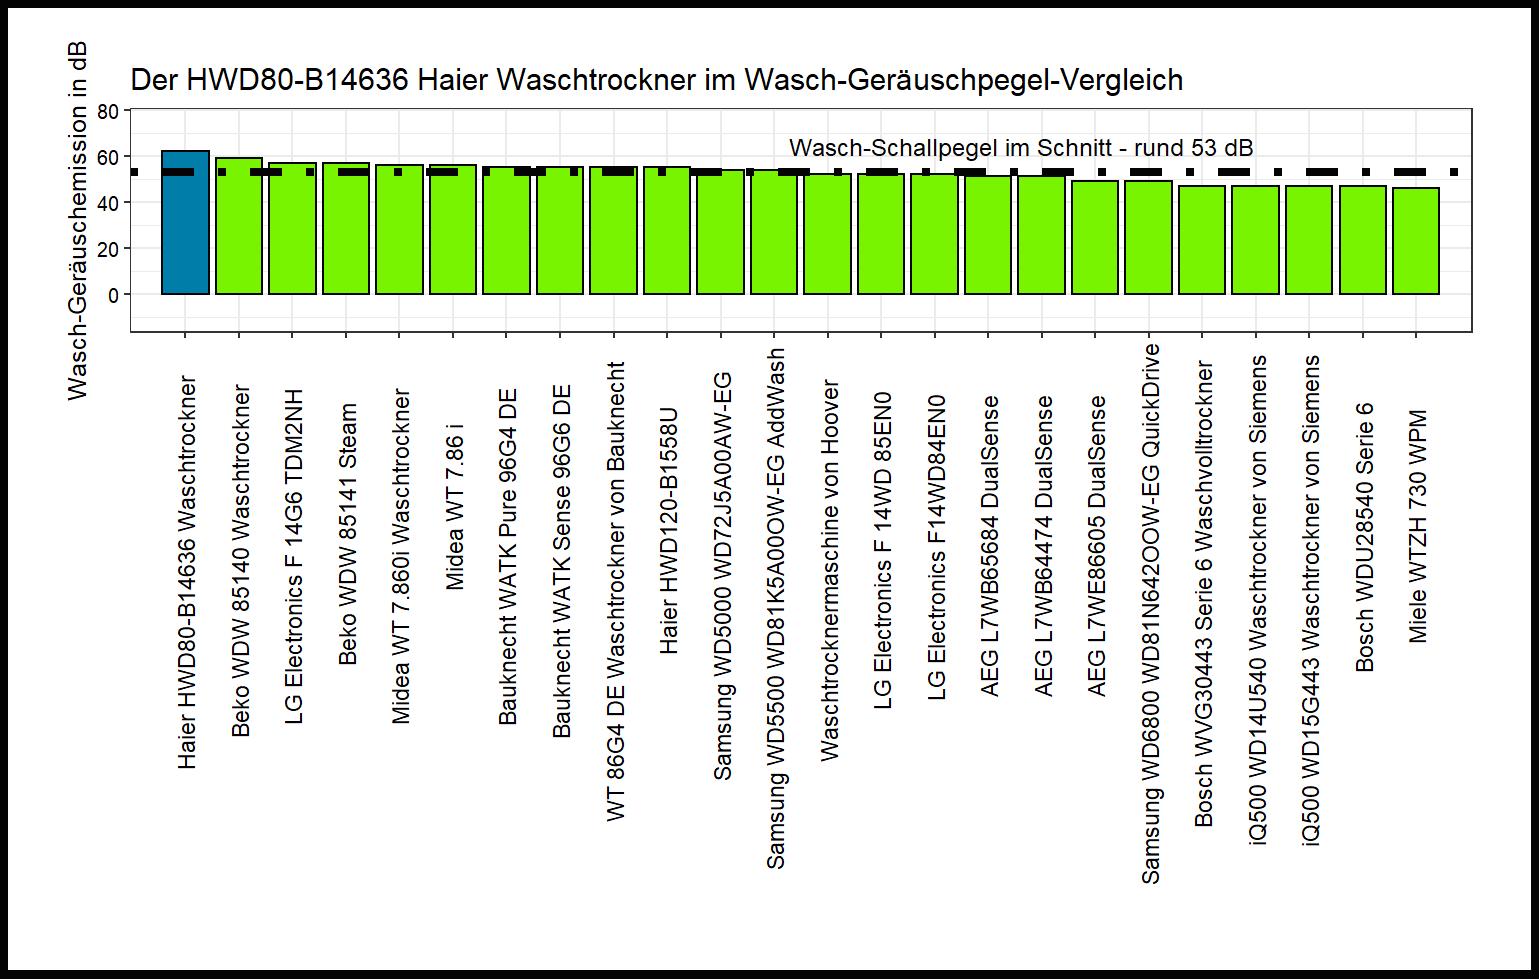 Wasch-Schallpegel-Vergleich von dem Haier Universal-Waschtrockner HWD80-B14636